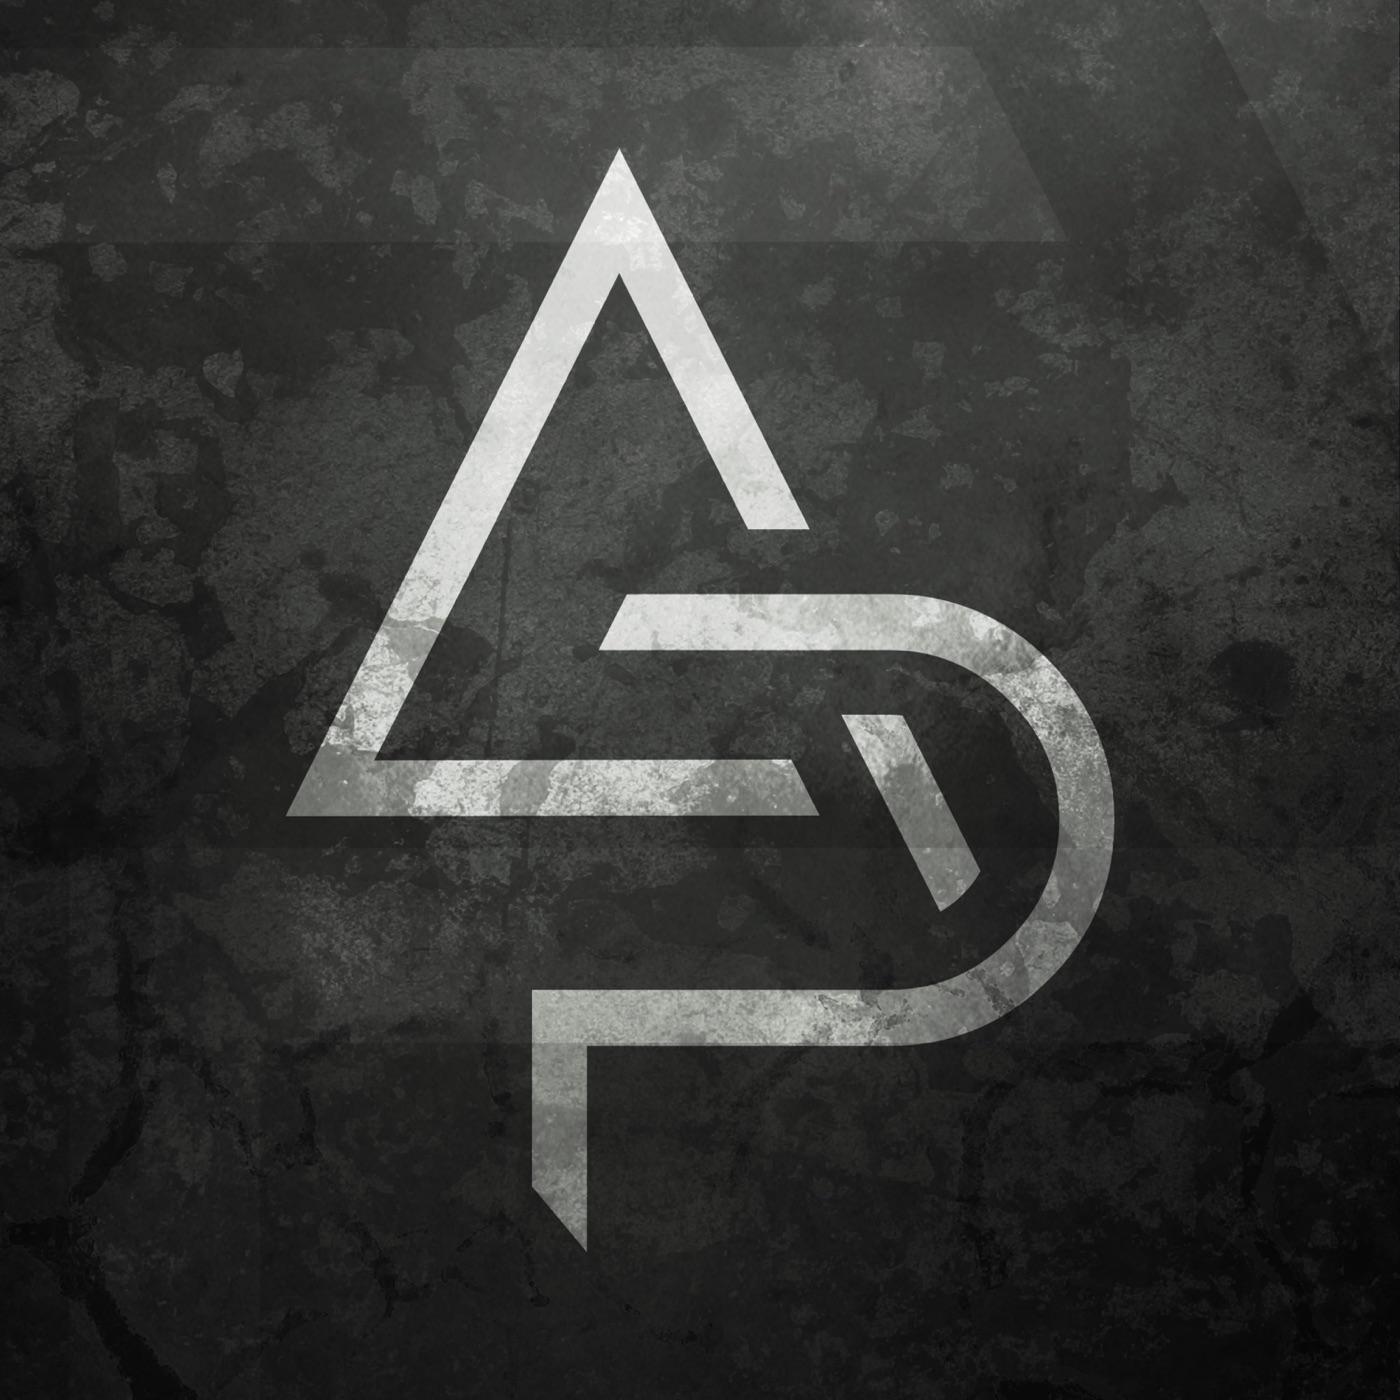 Altered Perceptions - Azumaht [Single] (2018)